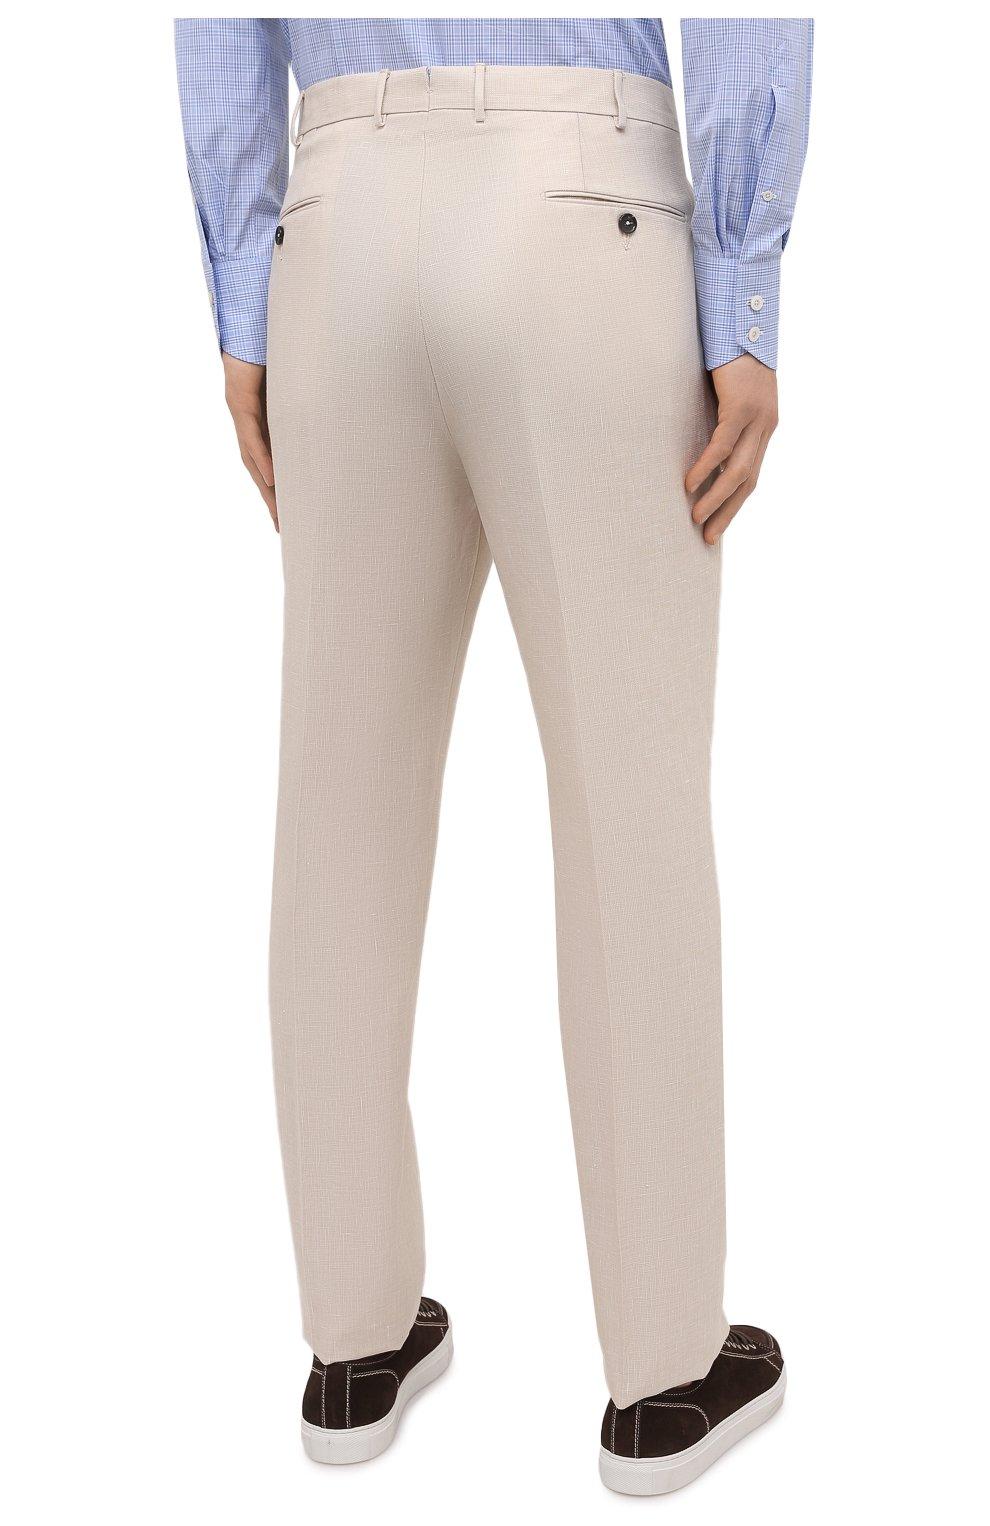 Мужские брюки из шерсти и льна ERMENEGILDO ZEGNA светло-бежевого цвета, арт. 915F01/75TB12   Фото 4 (Материал внешний: Шерсть, Лен; Длина (брюки, джинсы): Стандартные; Случай: Повседневный; Материал подклада: Вискоза; Стили: Кэжуэл)